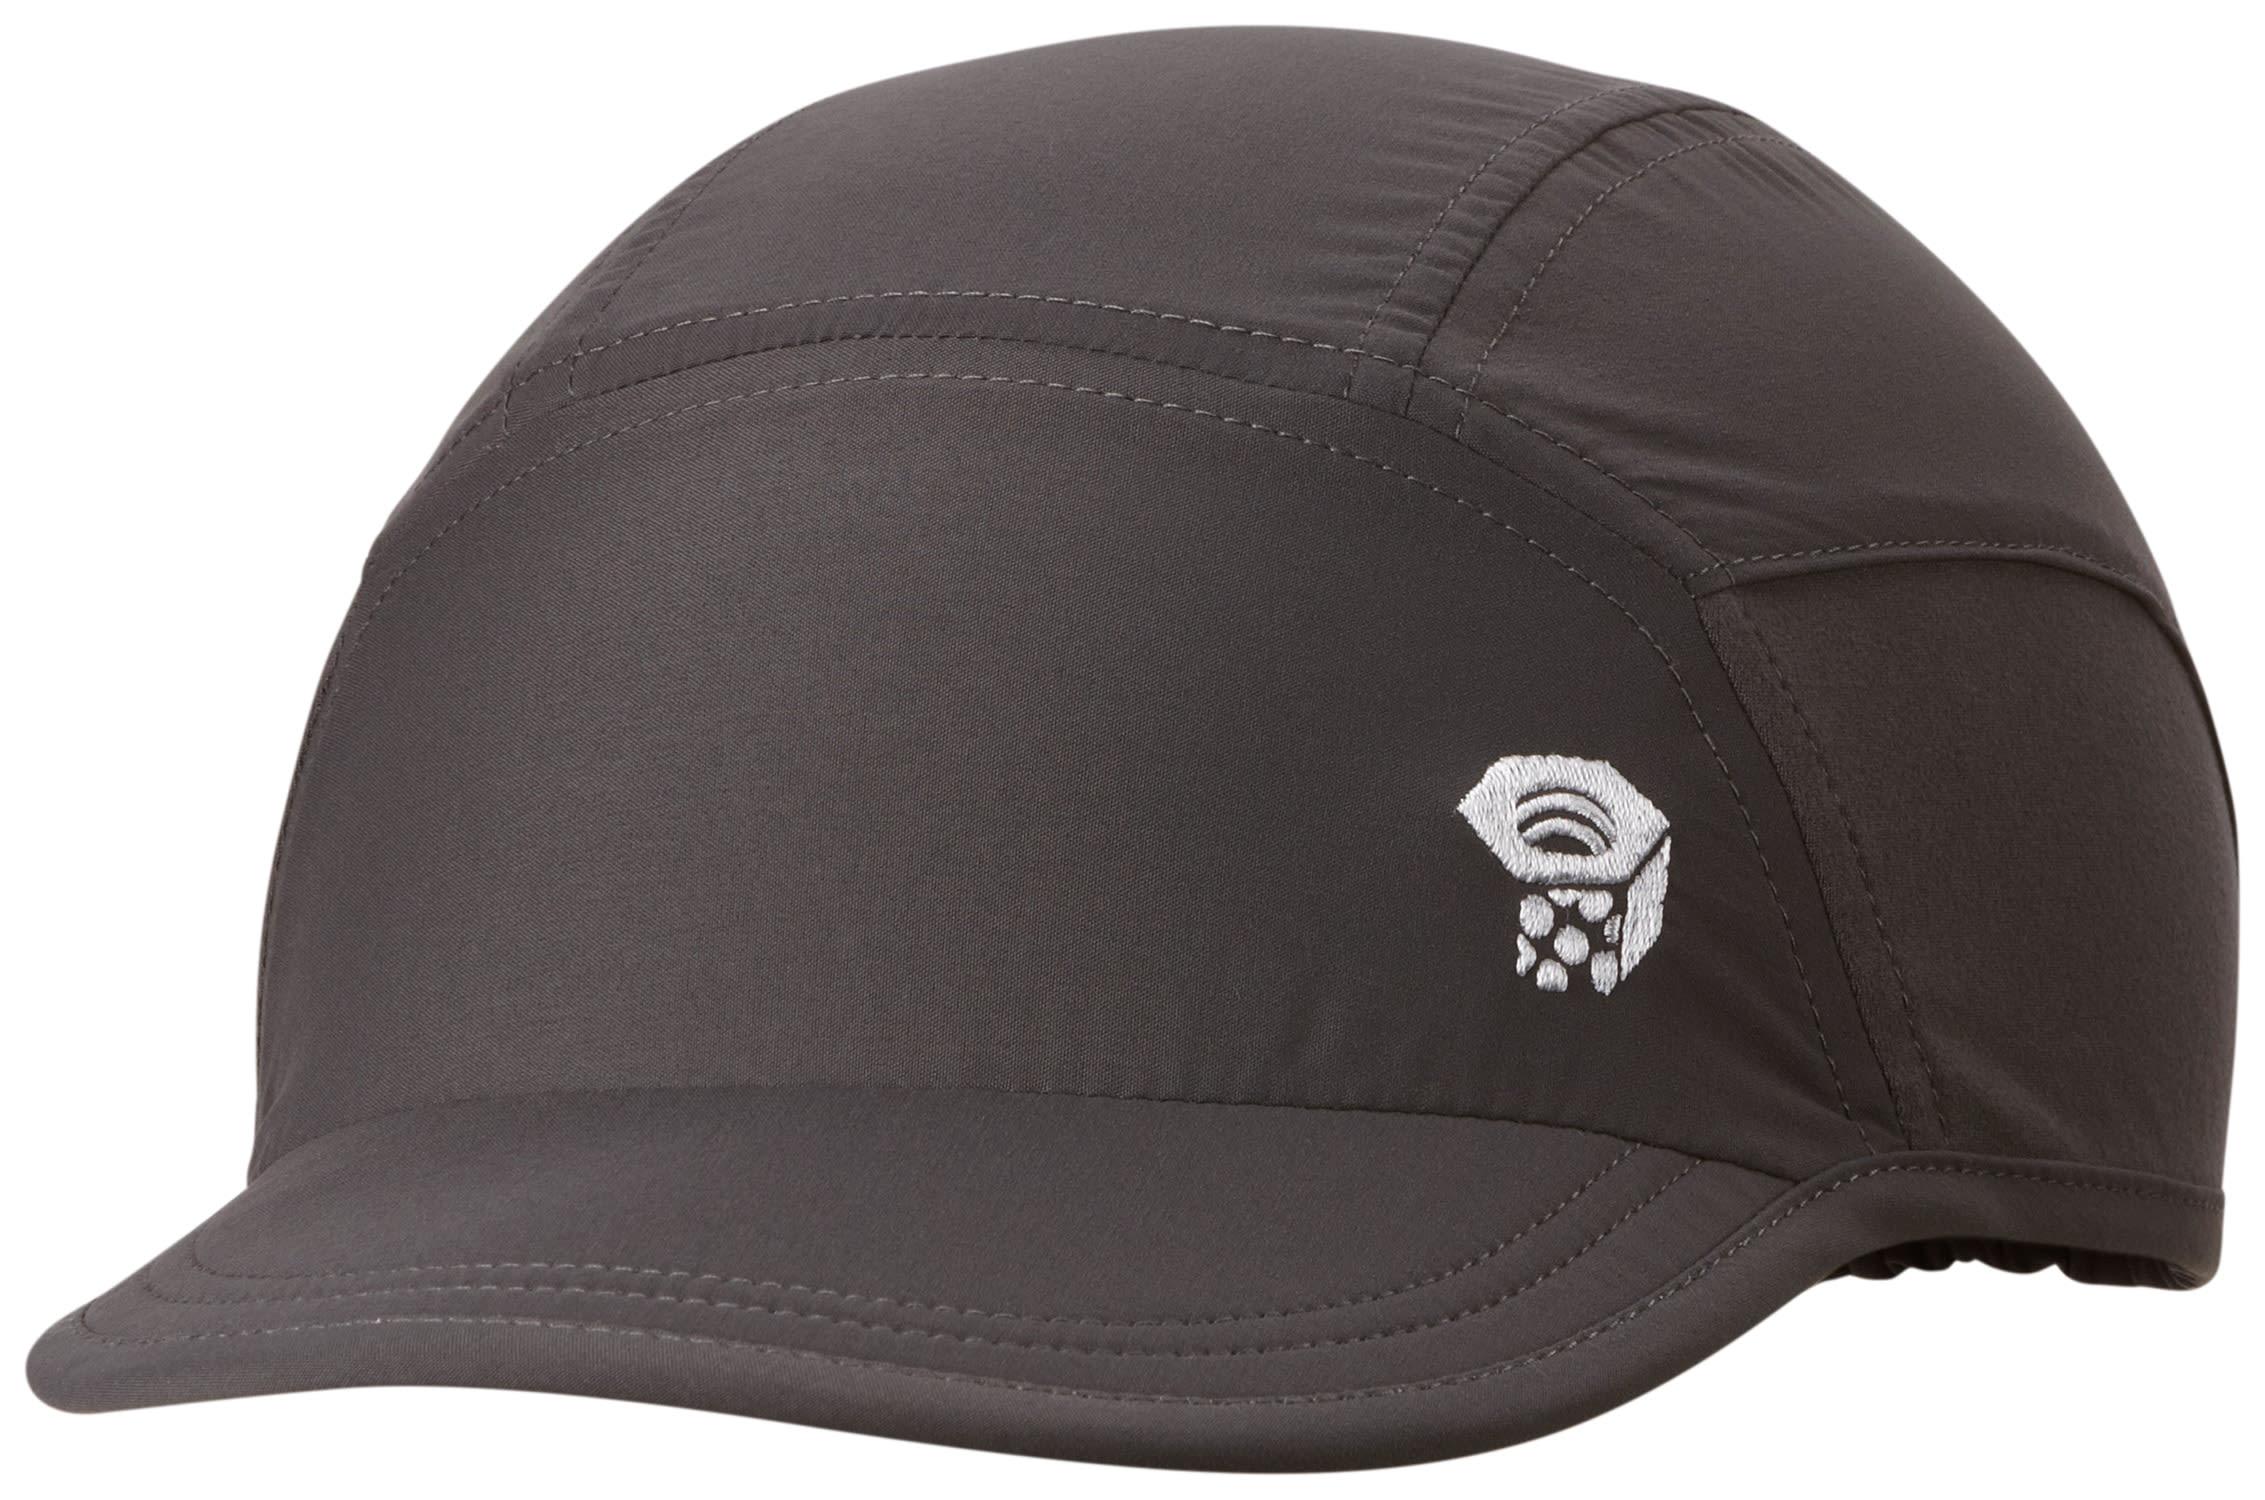 Mountain Hardwear Hats - Hat HD Image Ukjugs.Org 687c8810a26